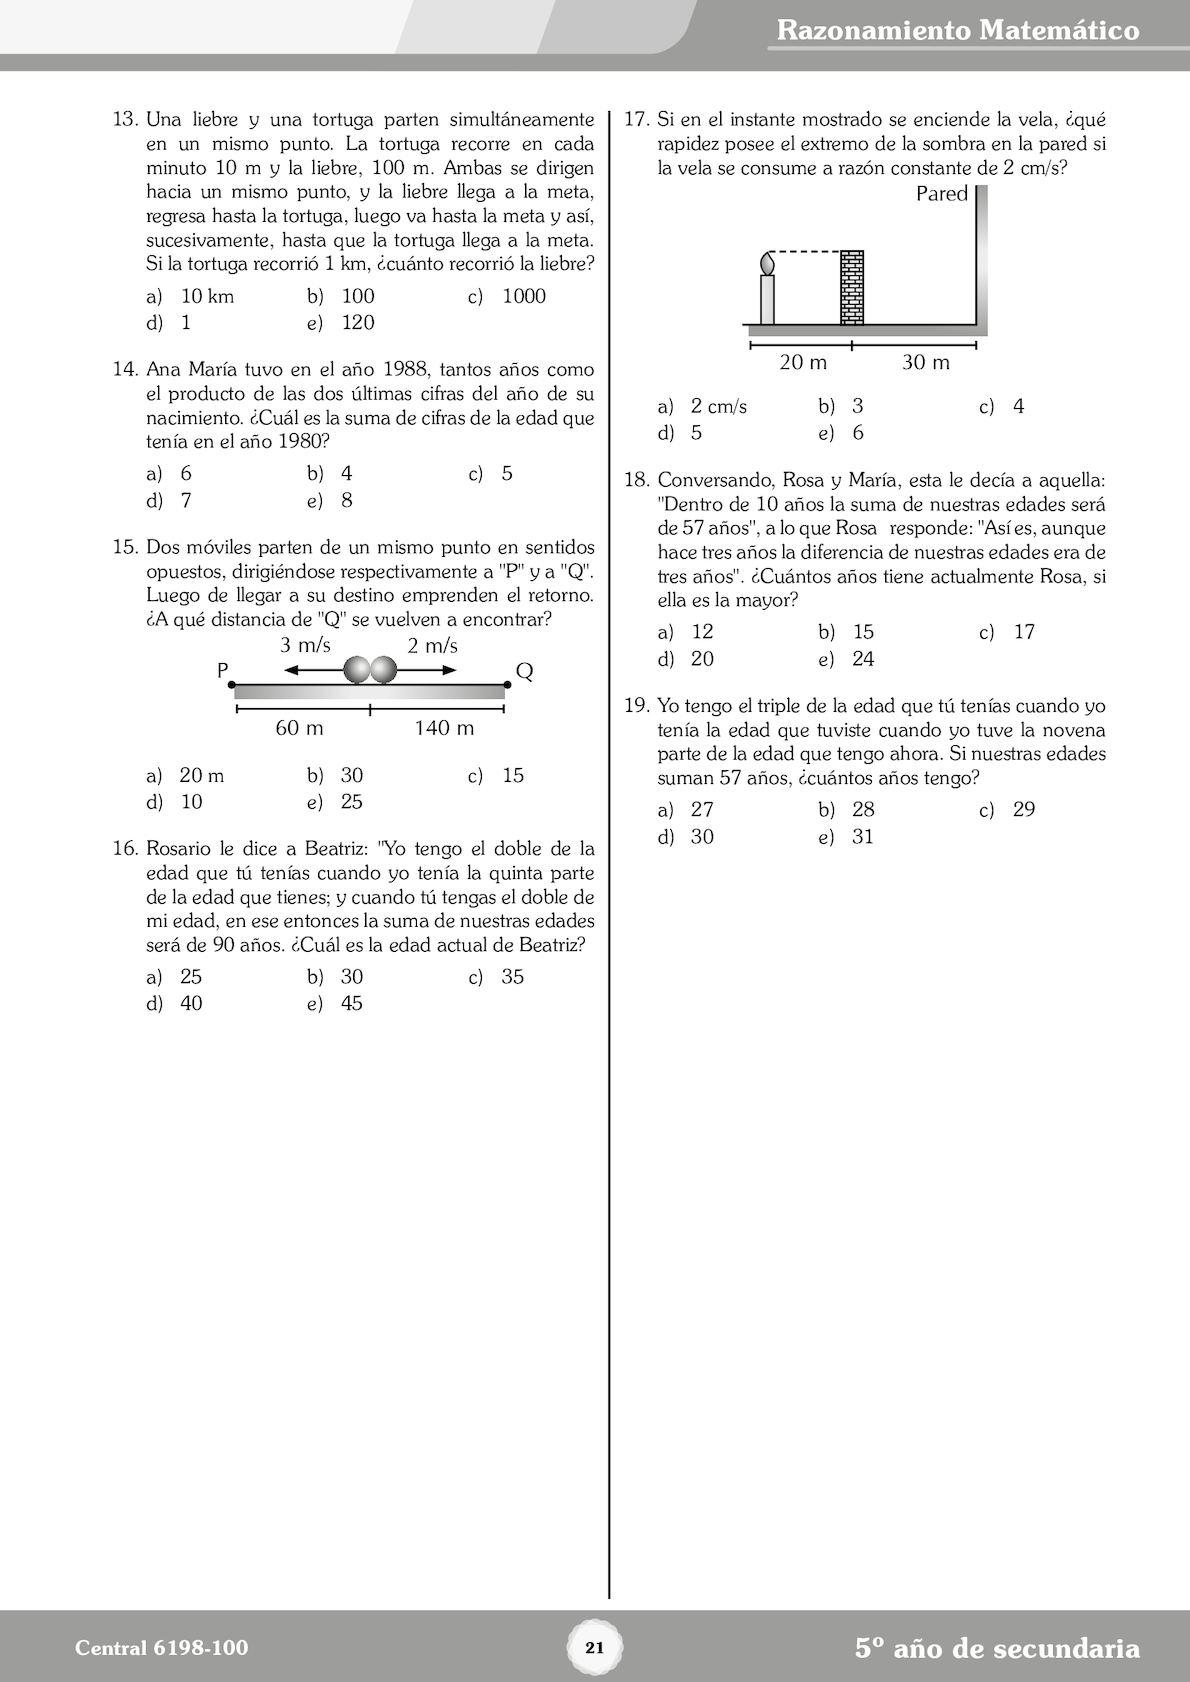 Razonamiento Matemático Sm 5° - CALAMEO Downloader